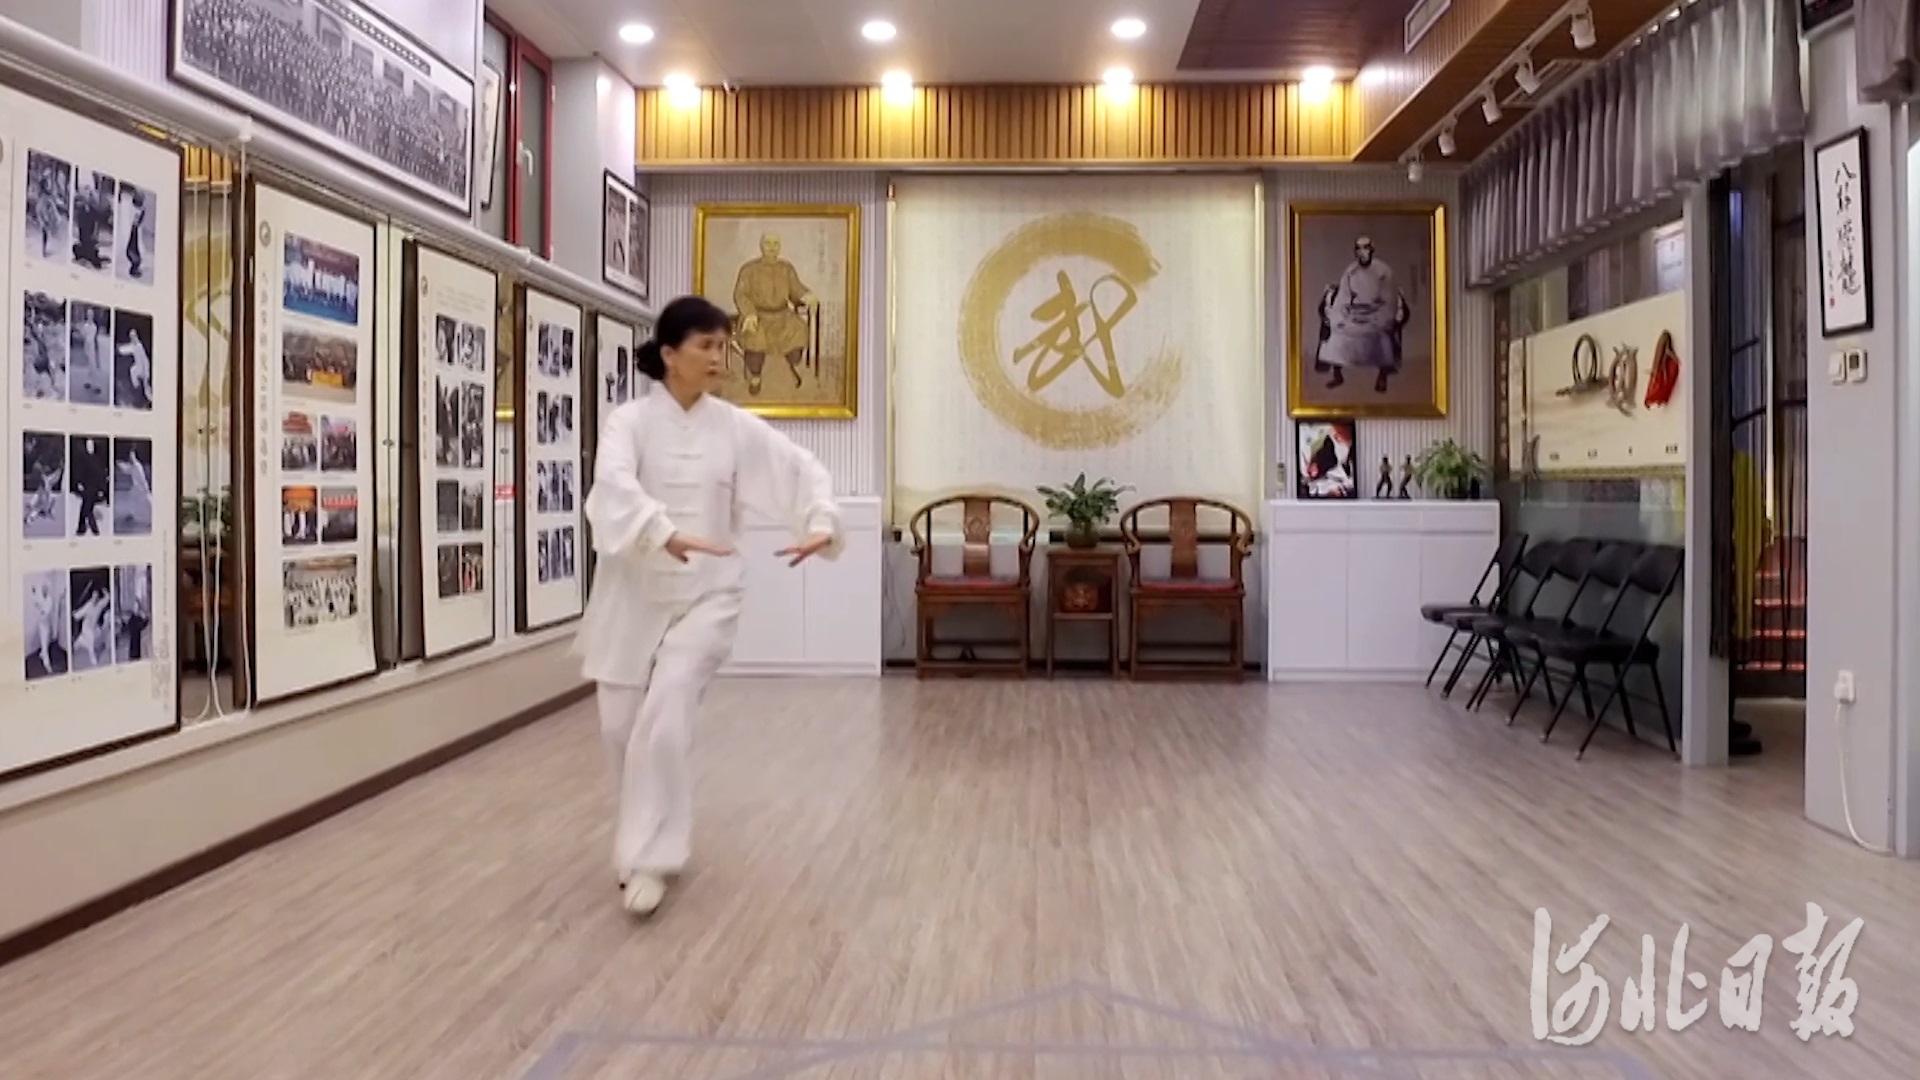 电视纪录片《八卦掌的故事》视频截图。河北省影视家协会供图